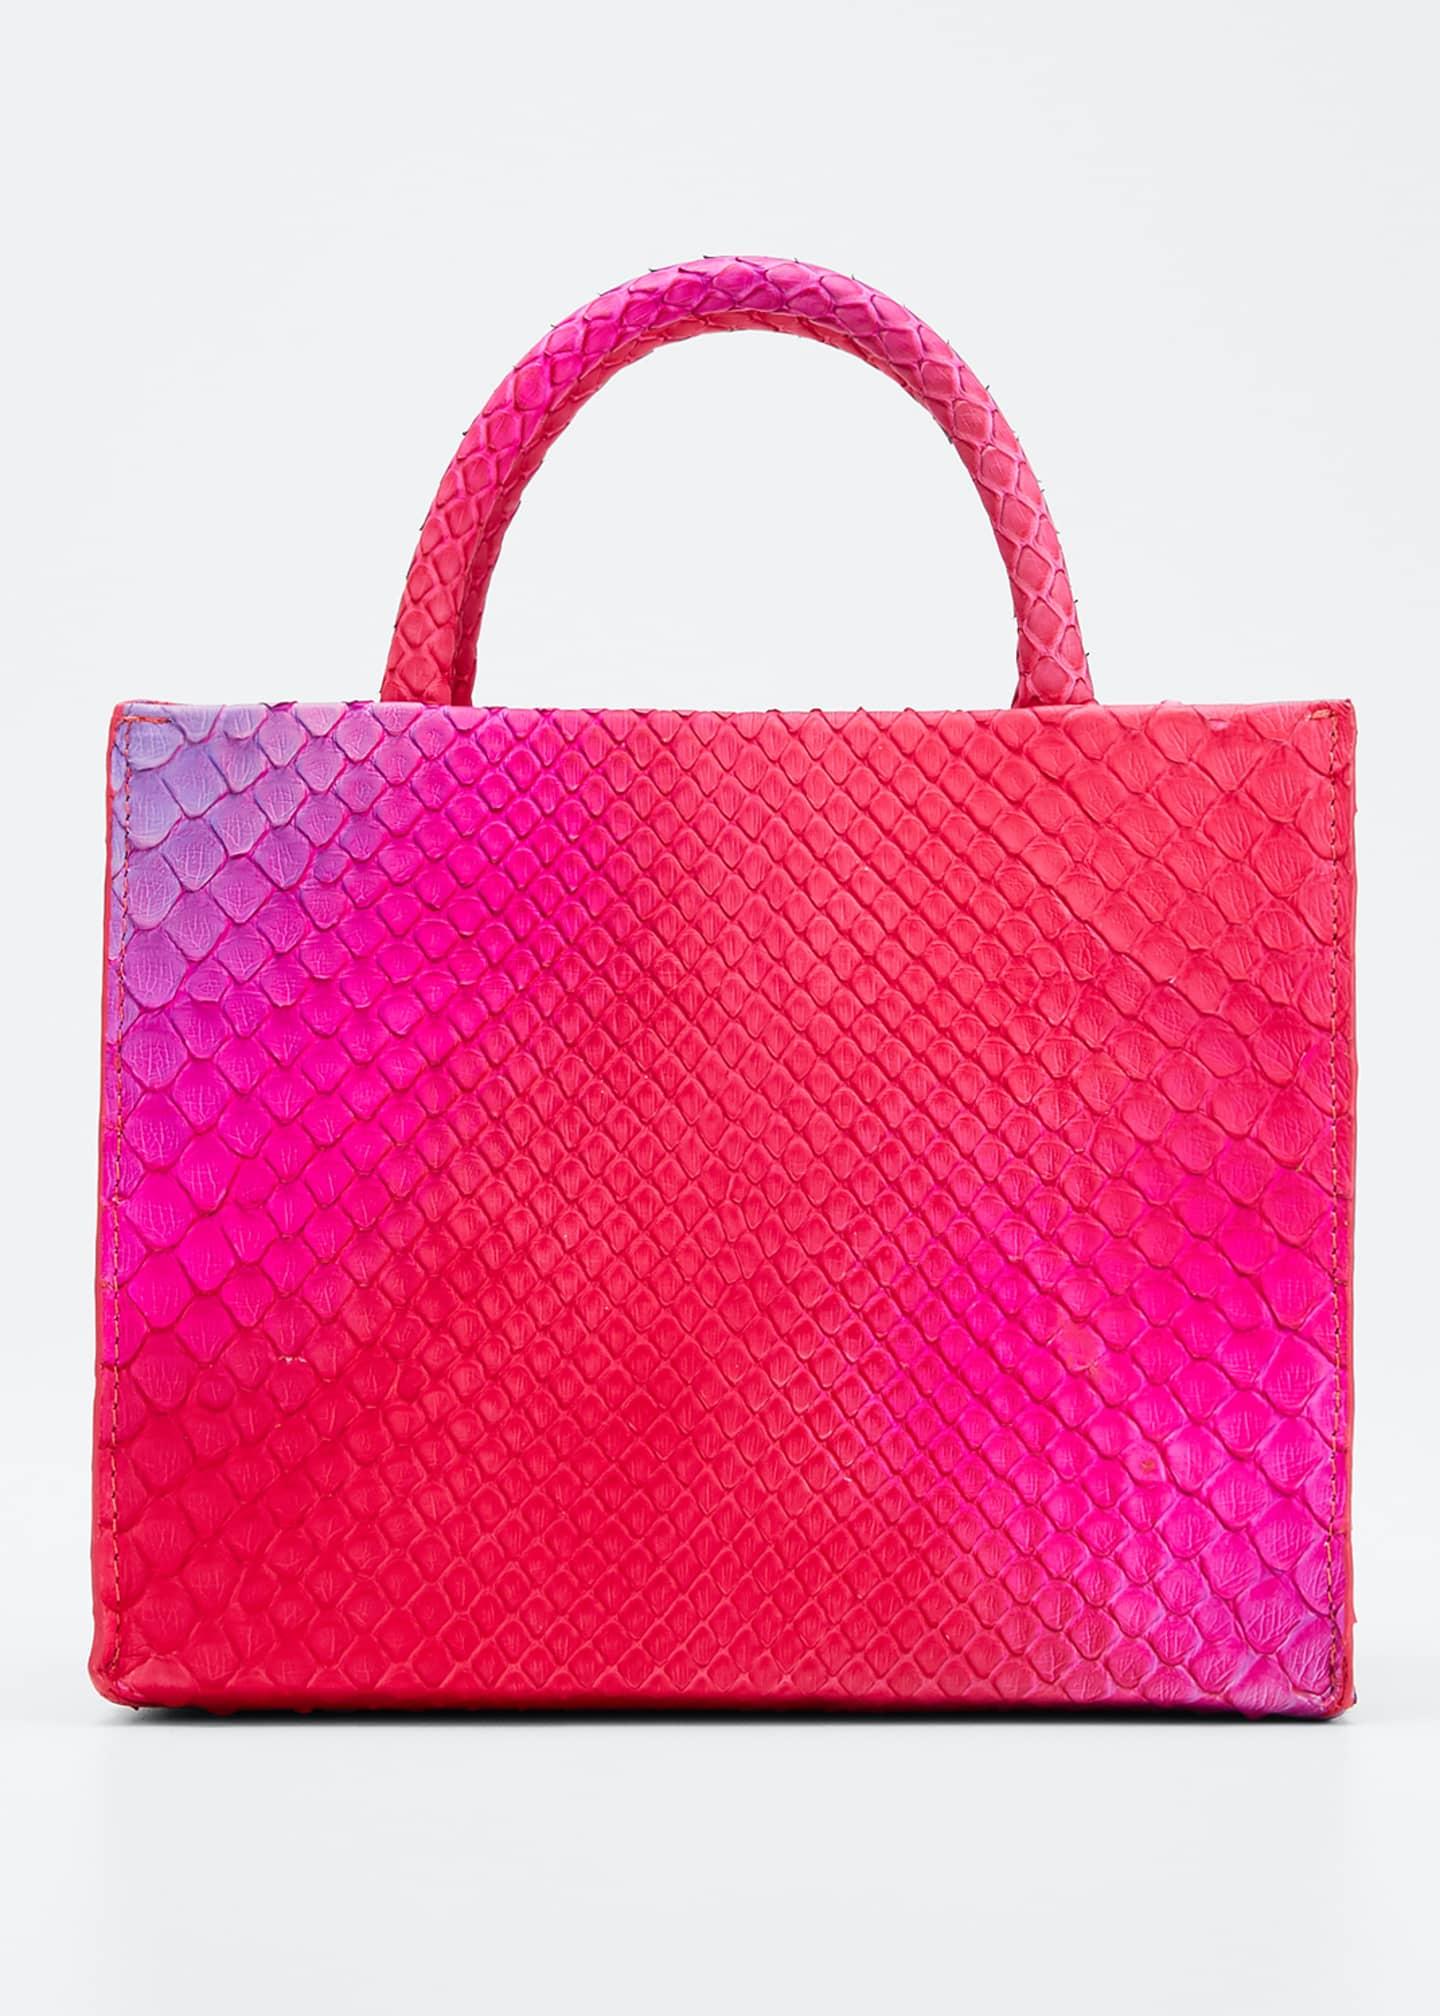 Nancy Gonzalez Python Mini Tote Bag